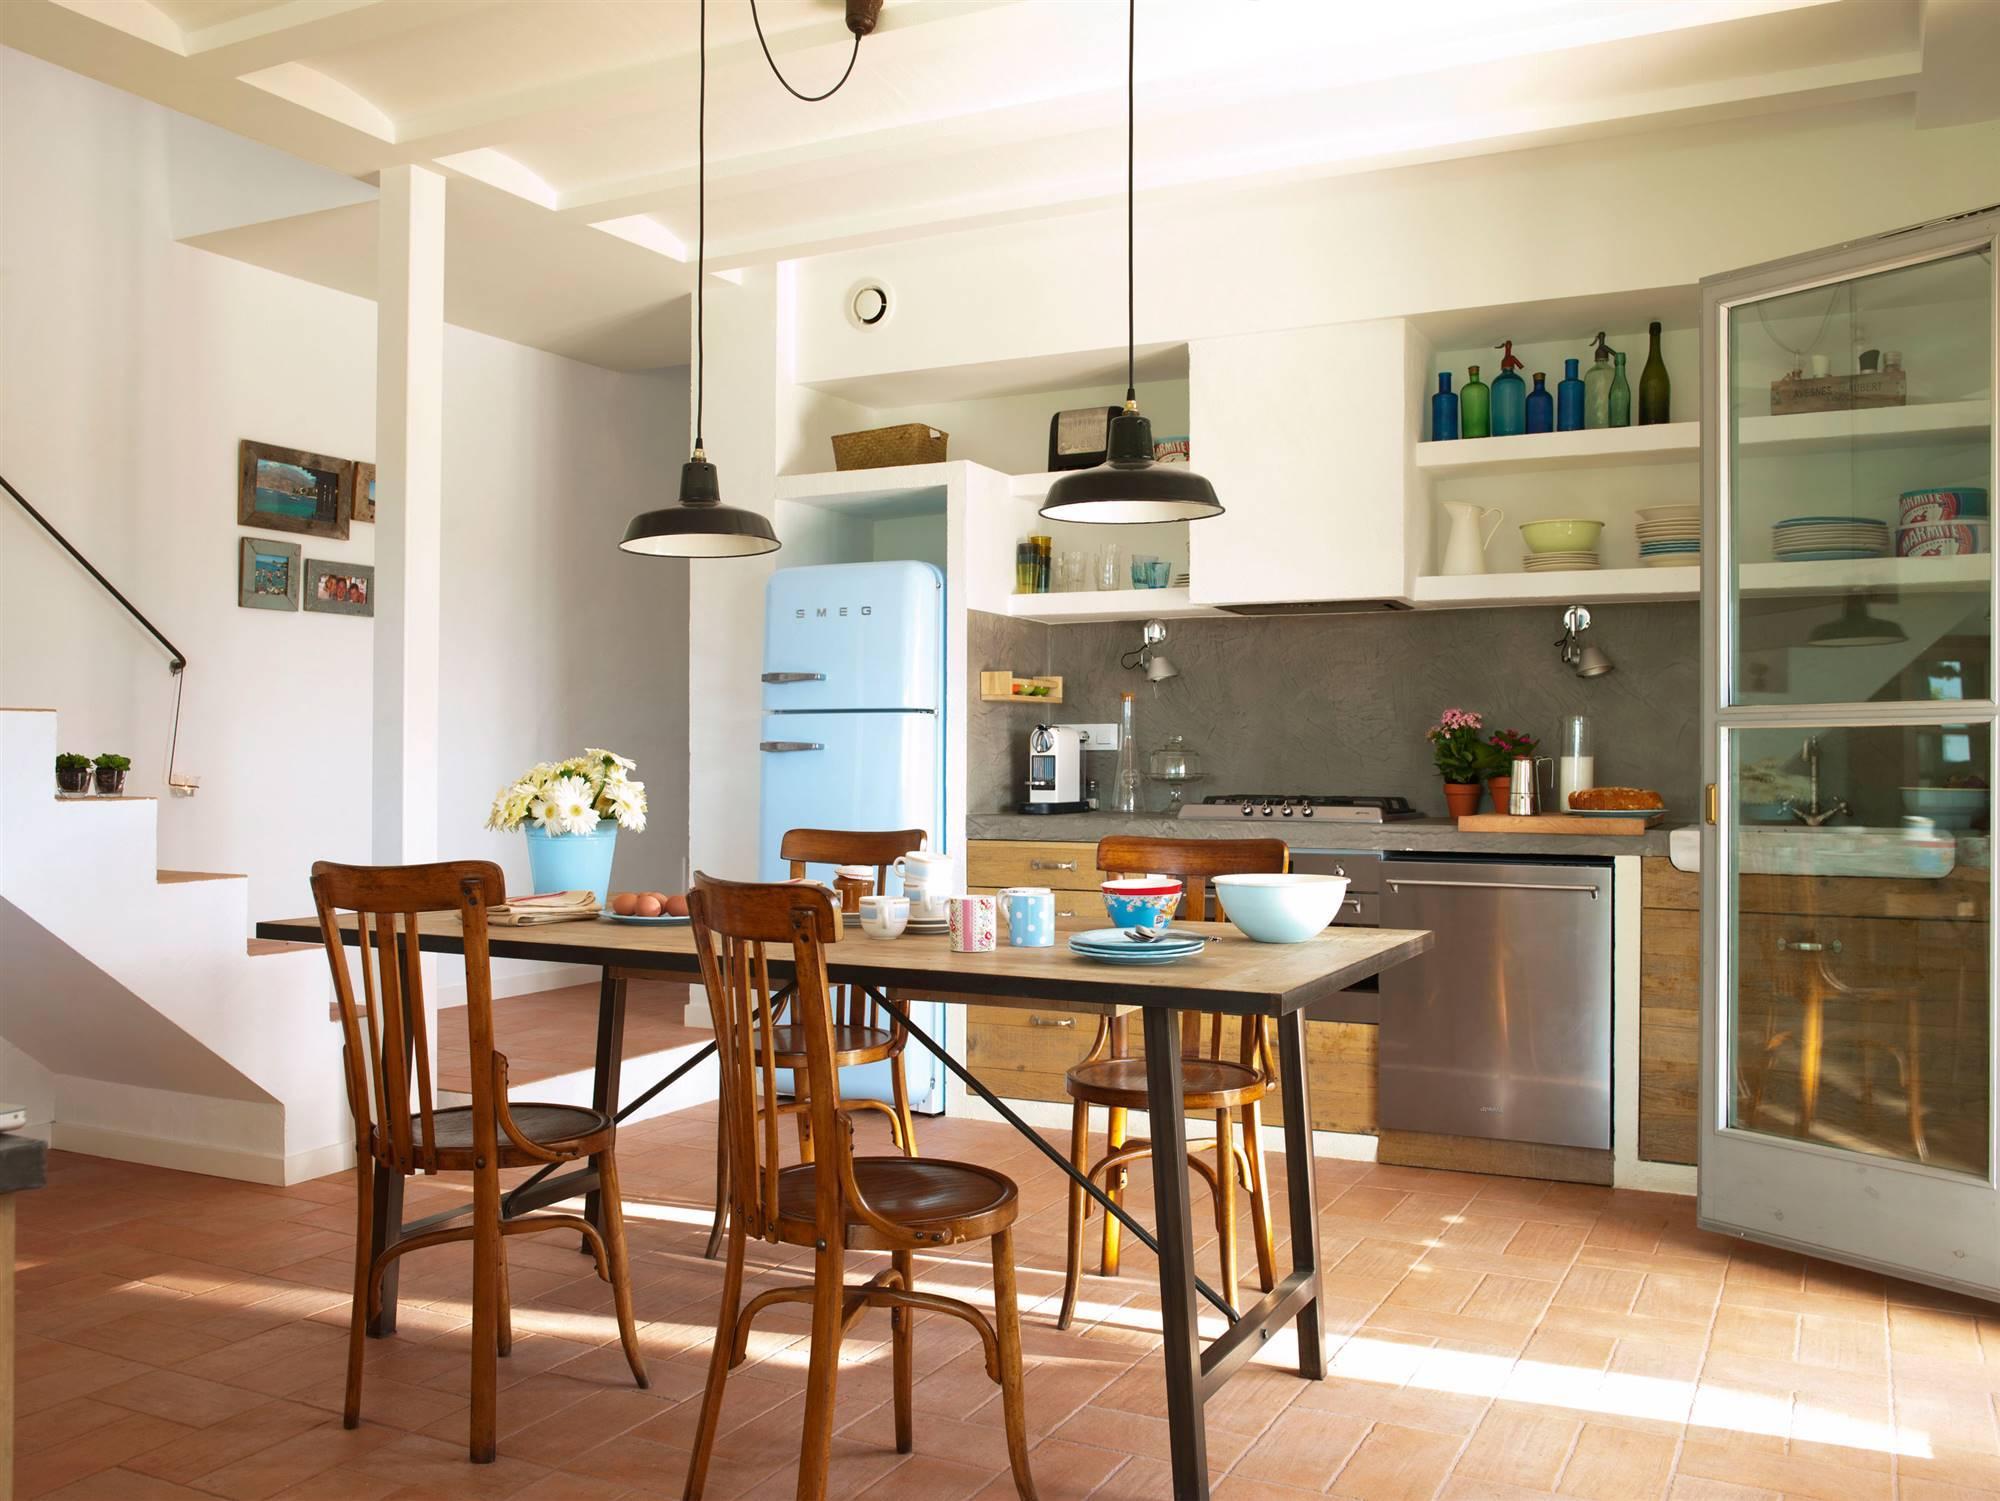 50 cocinas rústicas bonitas, con muebles vintage y mucho encanto